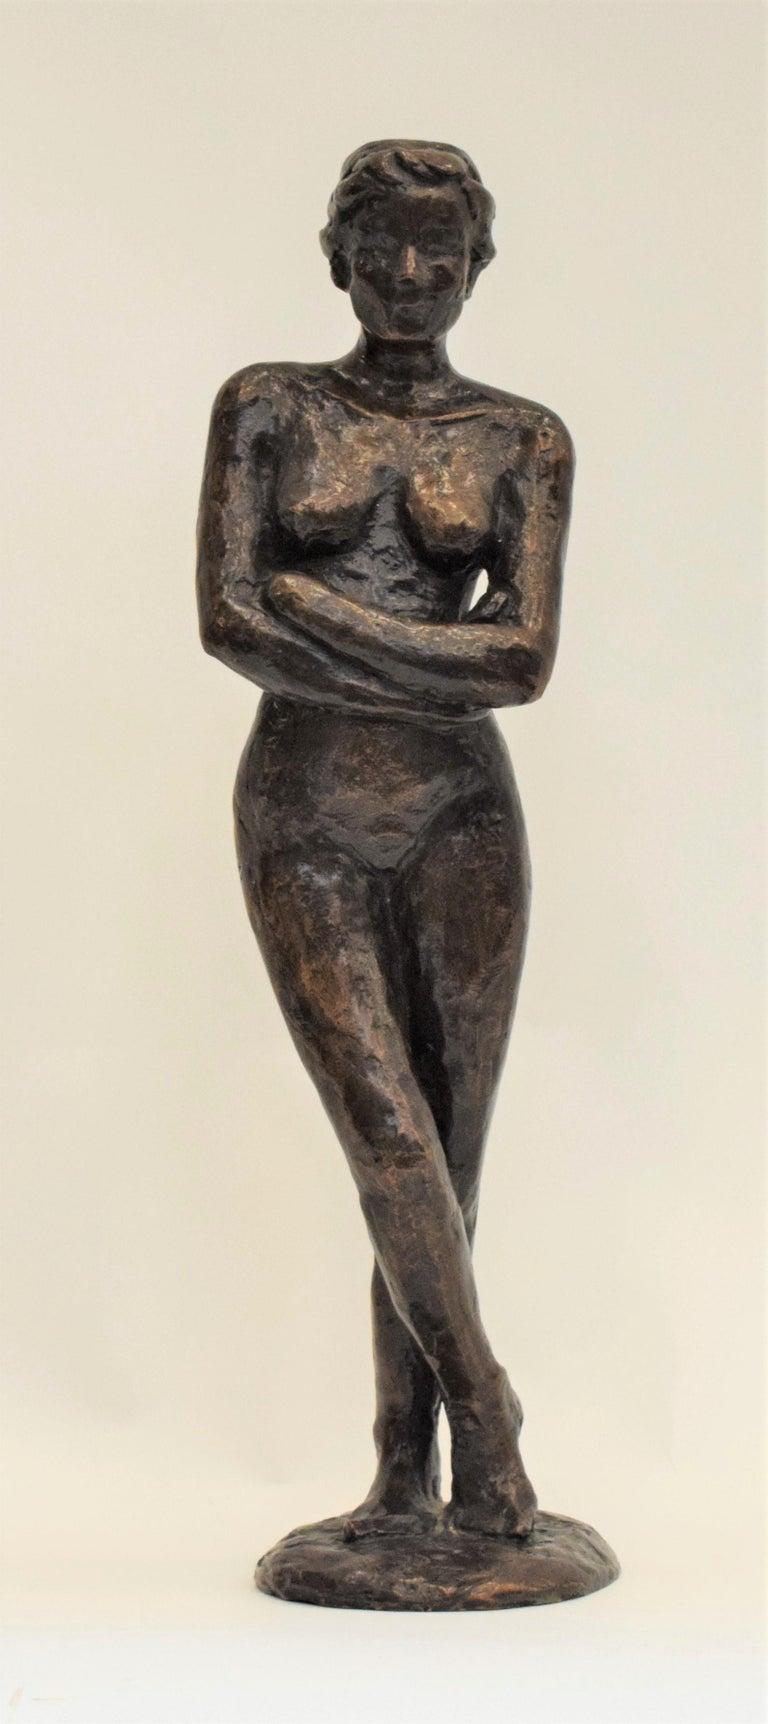 Anneke Hei-Degenhardt Nude Sculpture - Bronze statue of a woman, Anneke Hei - Degenhardt (1951), Signed